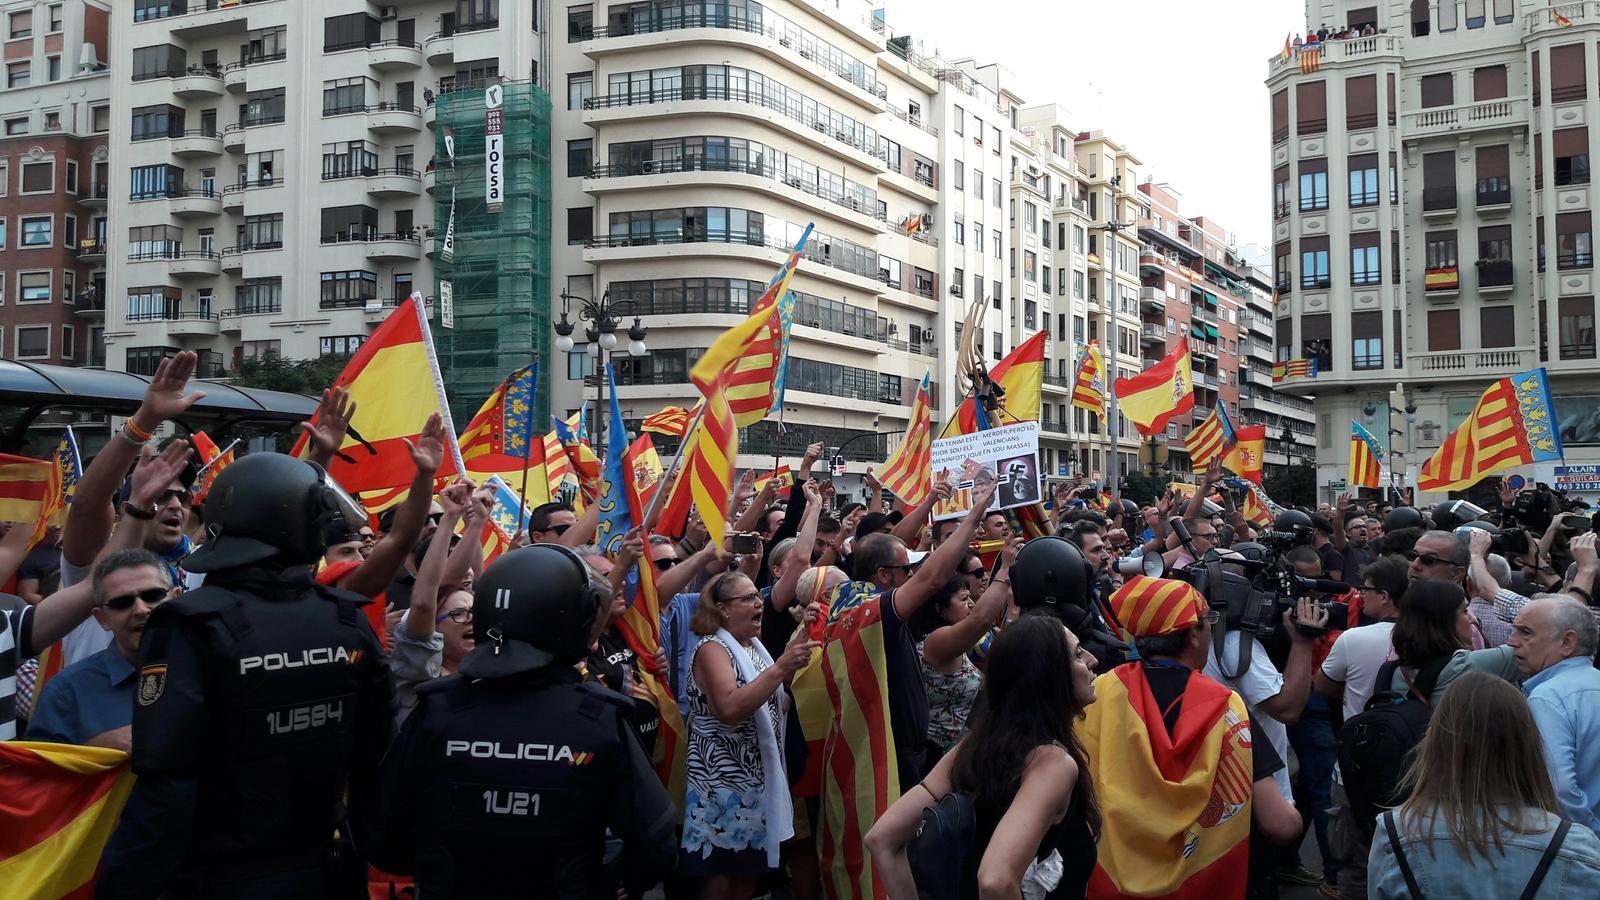 La ultradreta rebenta la manifestació del Nou d'Octubre a València